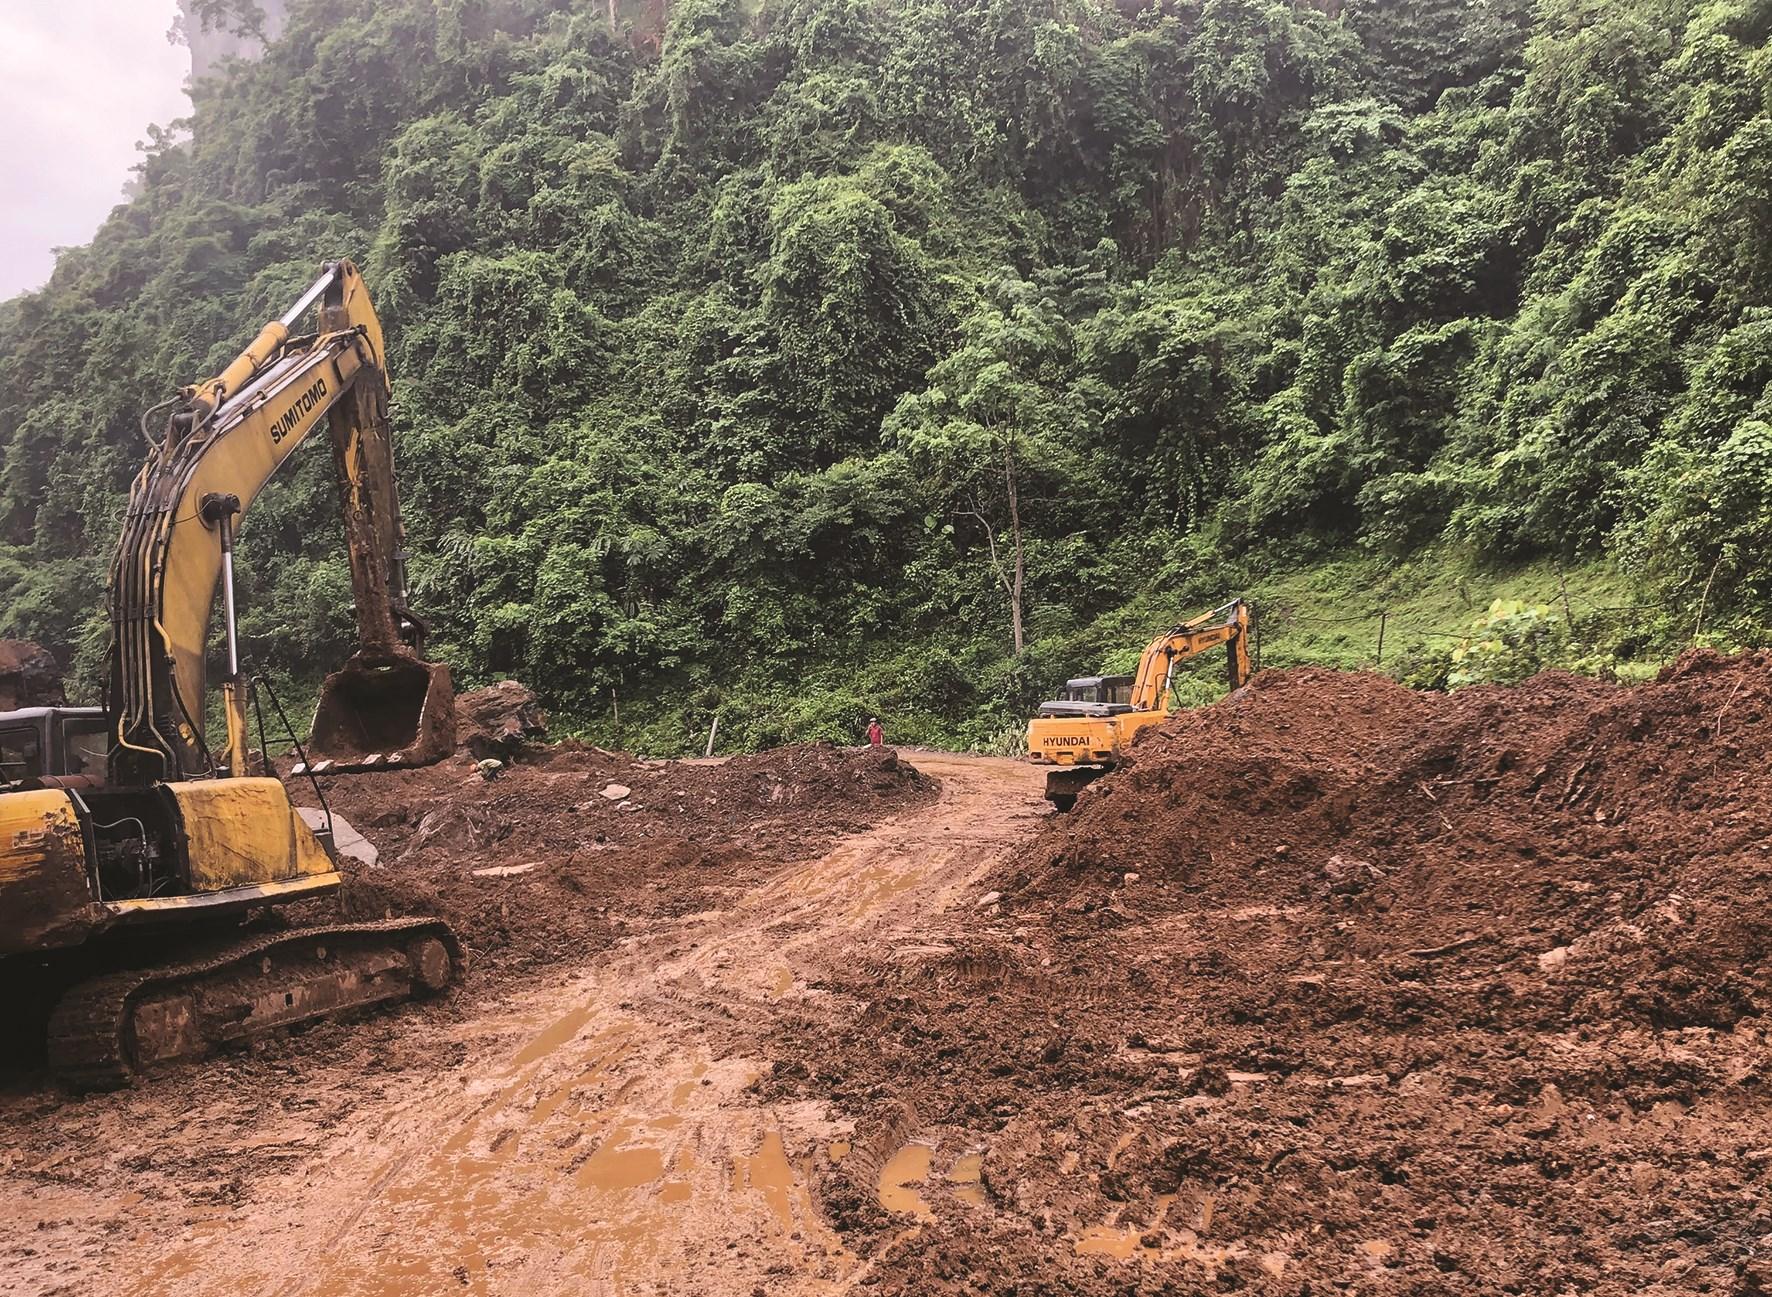 Nguy cơ từ sạt lở đất luôn hiện hữu và là nỗi lo của người dân Bắc Kạn trong mùa mưa bão.